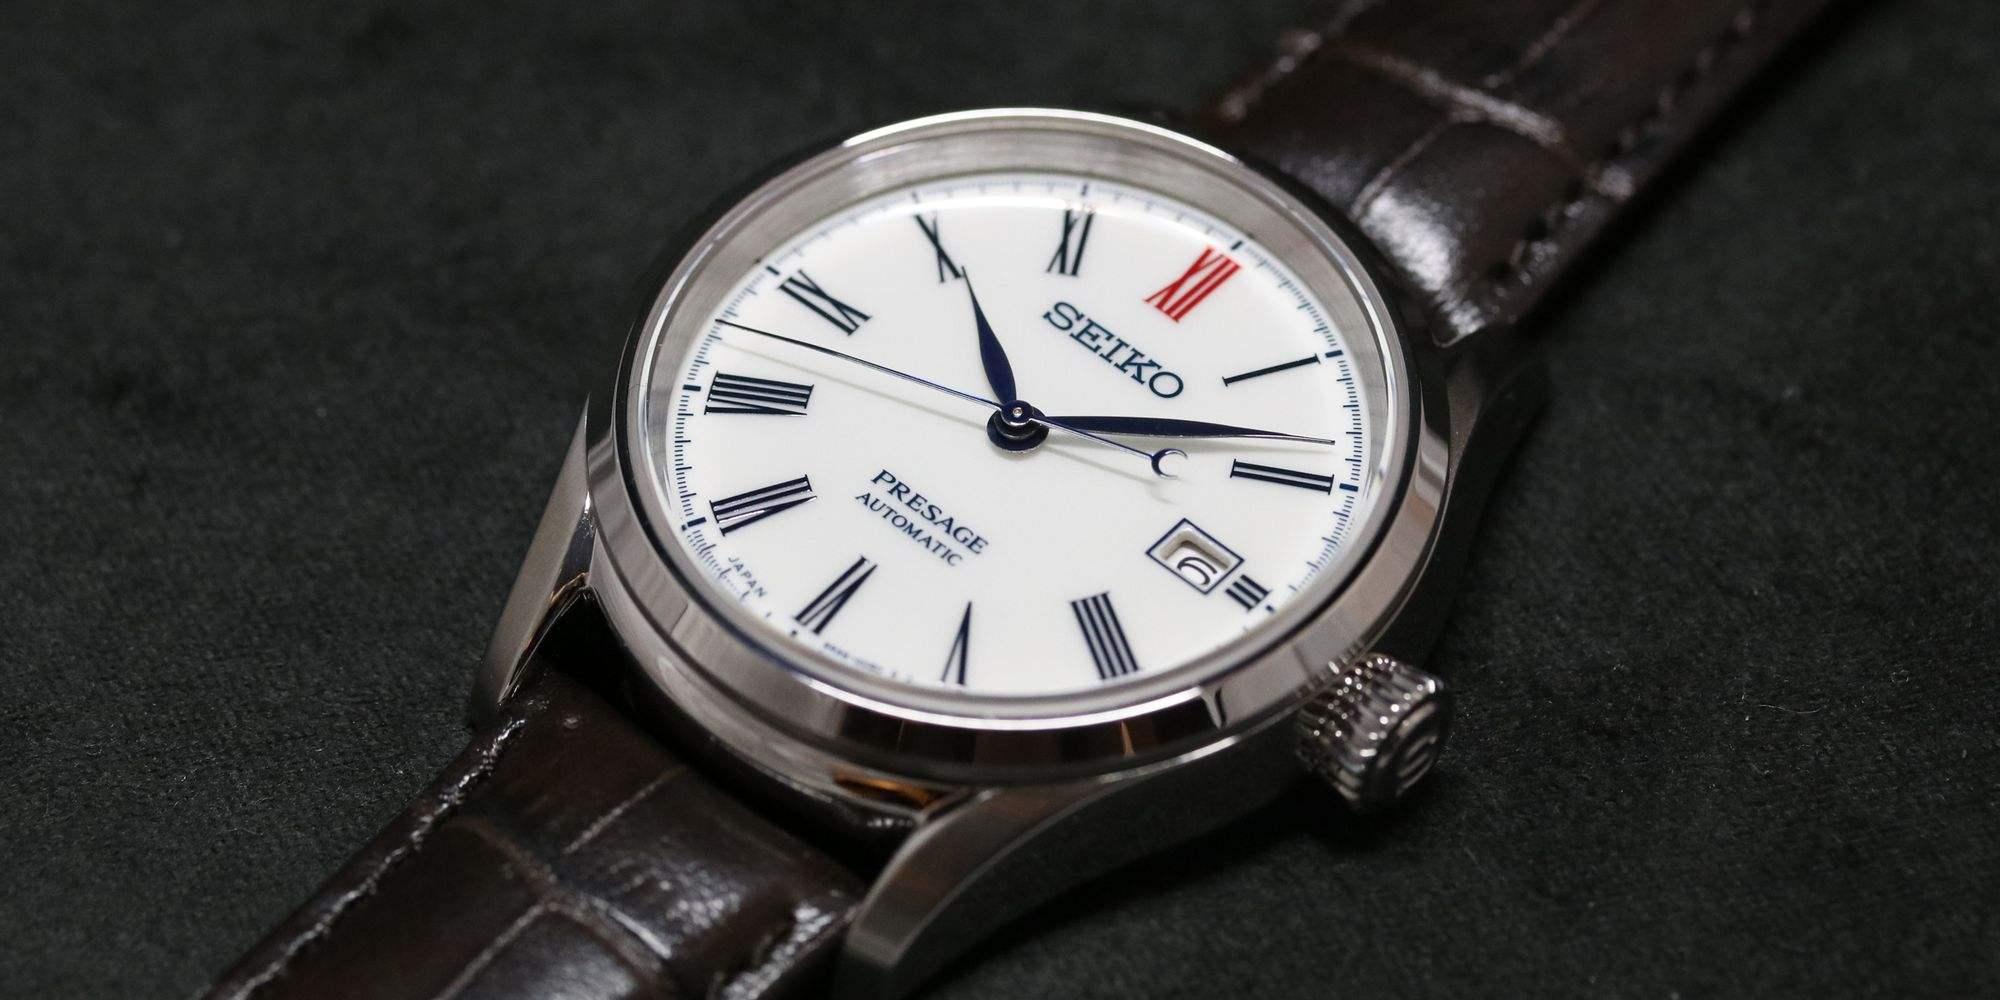 【每週一錶】將百年瓷器文化戴在手上:Seiko Presage有田燒陶瓷腕錶